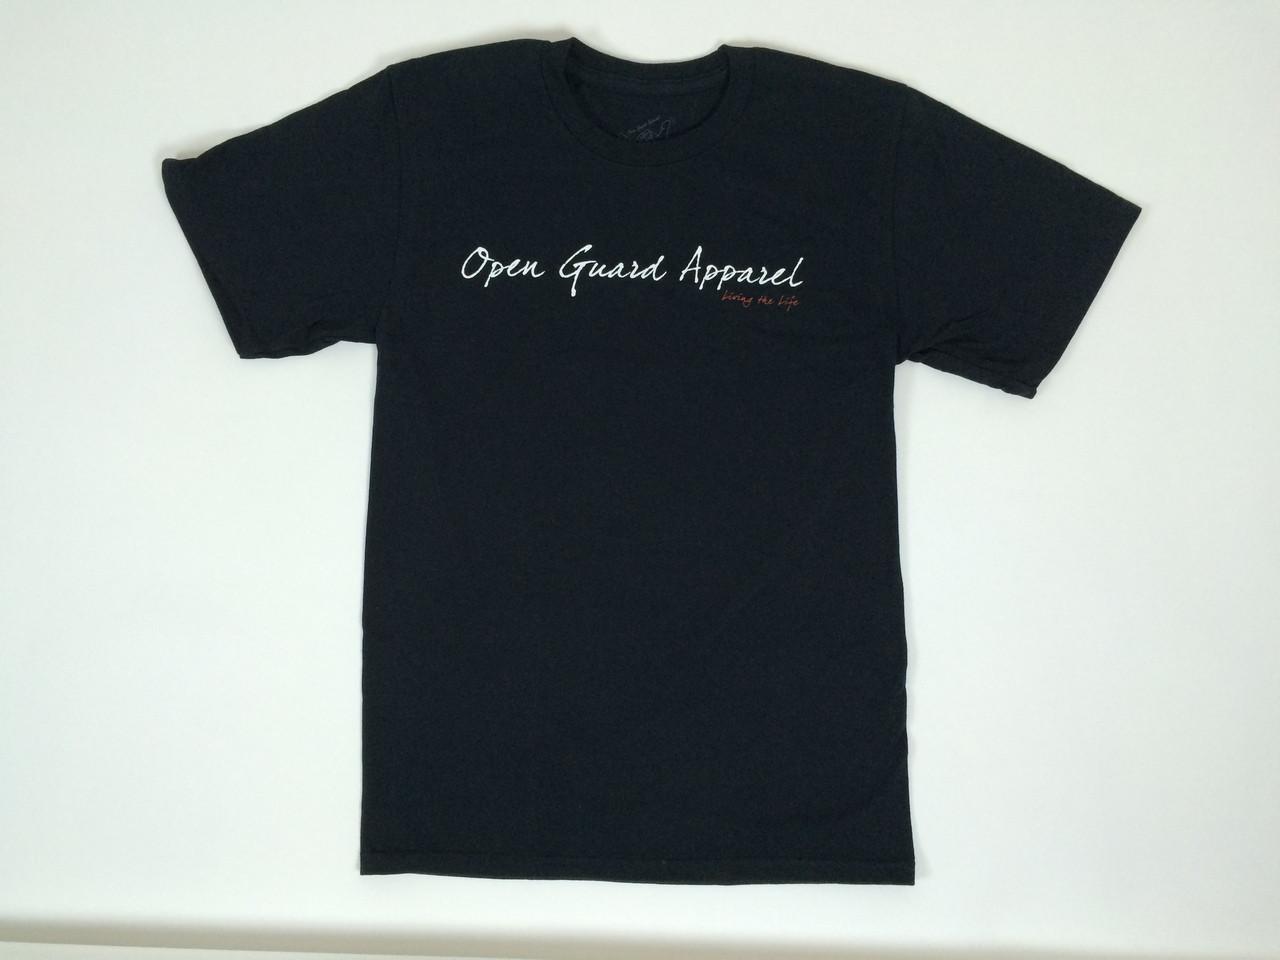 OGA Open Guard Apparel Shaka T-shirt Black front.  @ www.thejiujitsushop.com